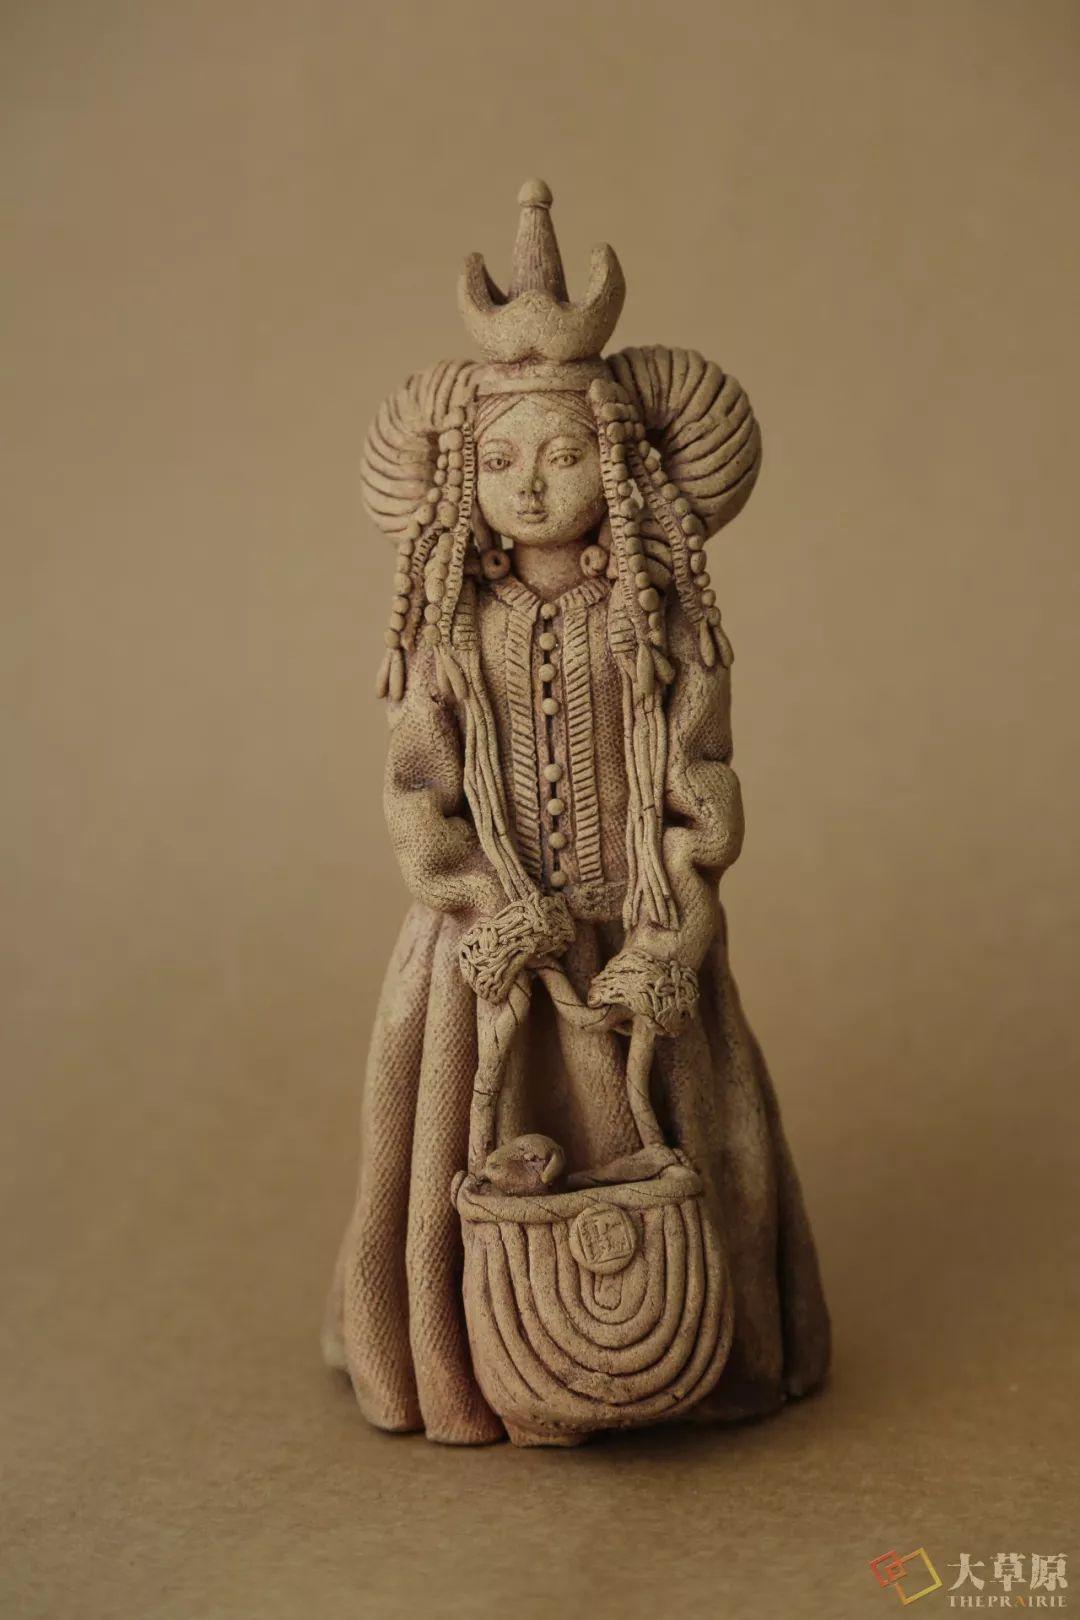 没有草稿一次成型,追求工匠精神的她将生命的活力注入蒙古特色陶艺作品中 第6张